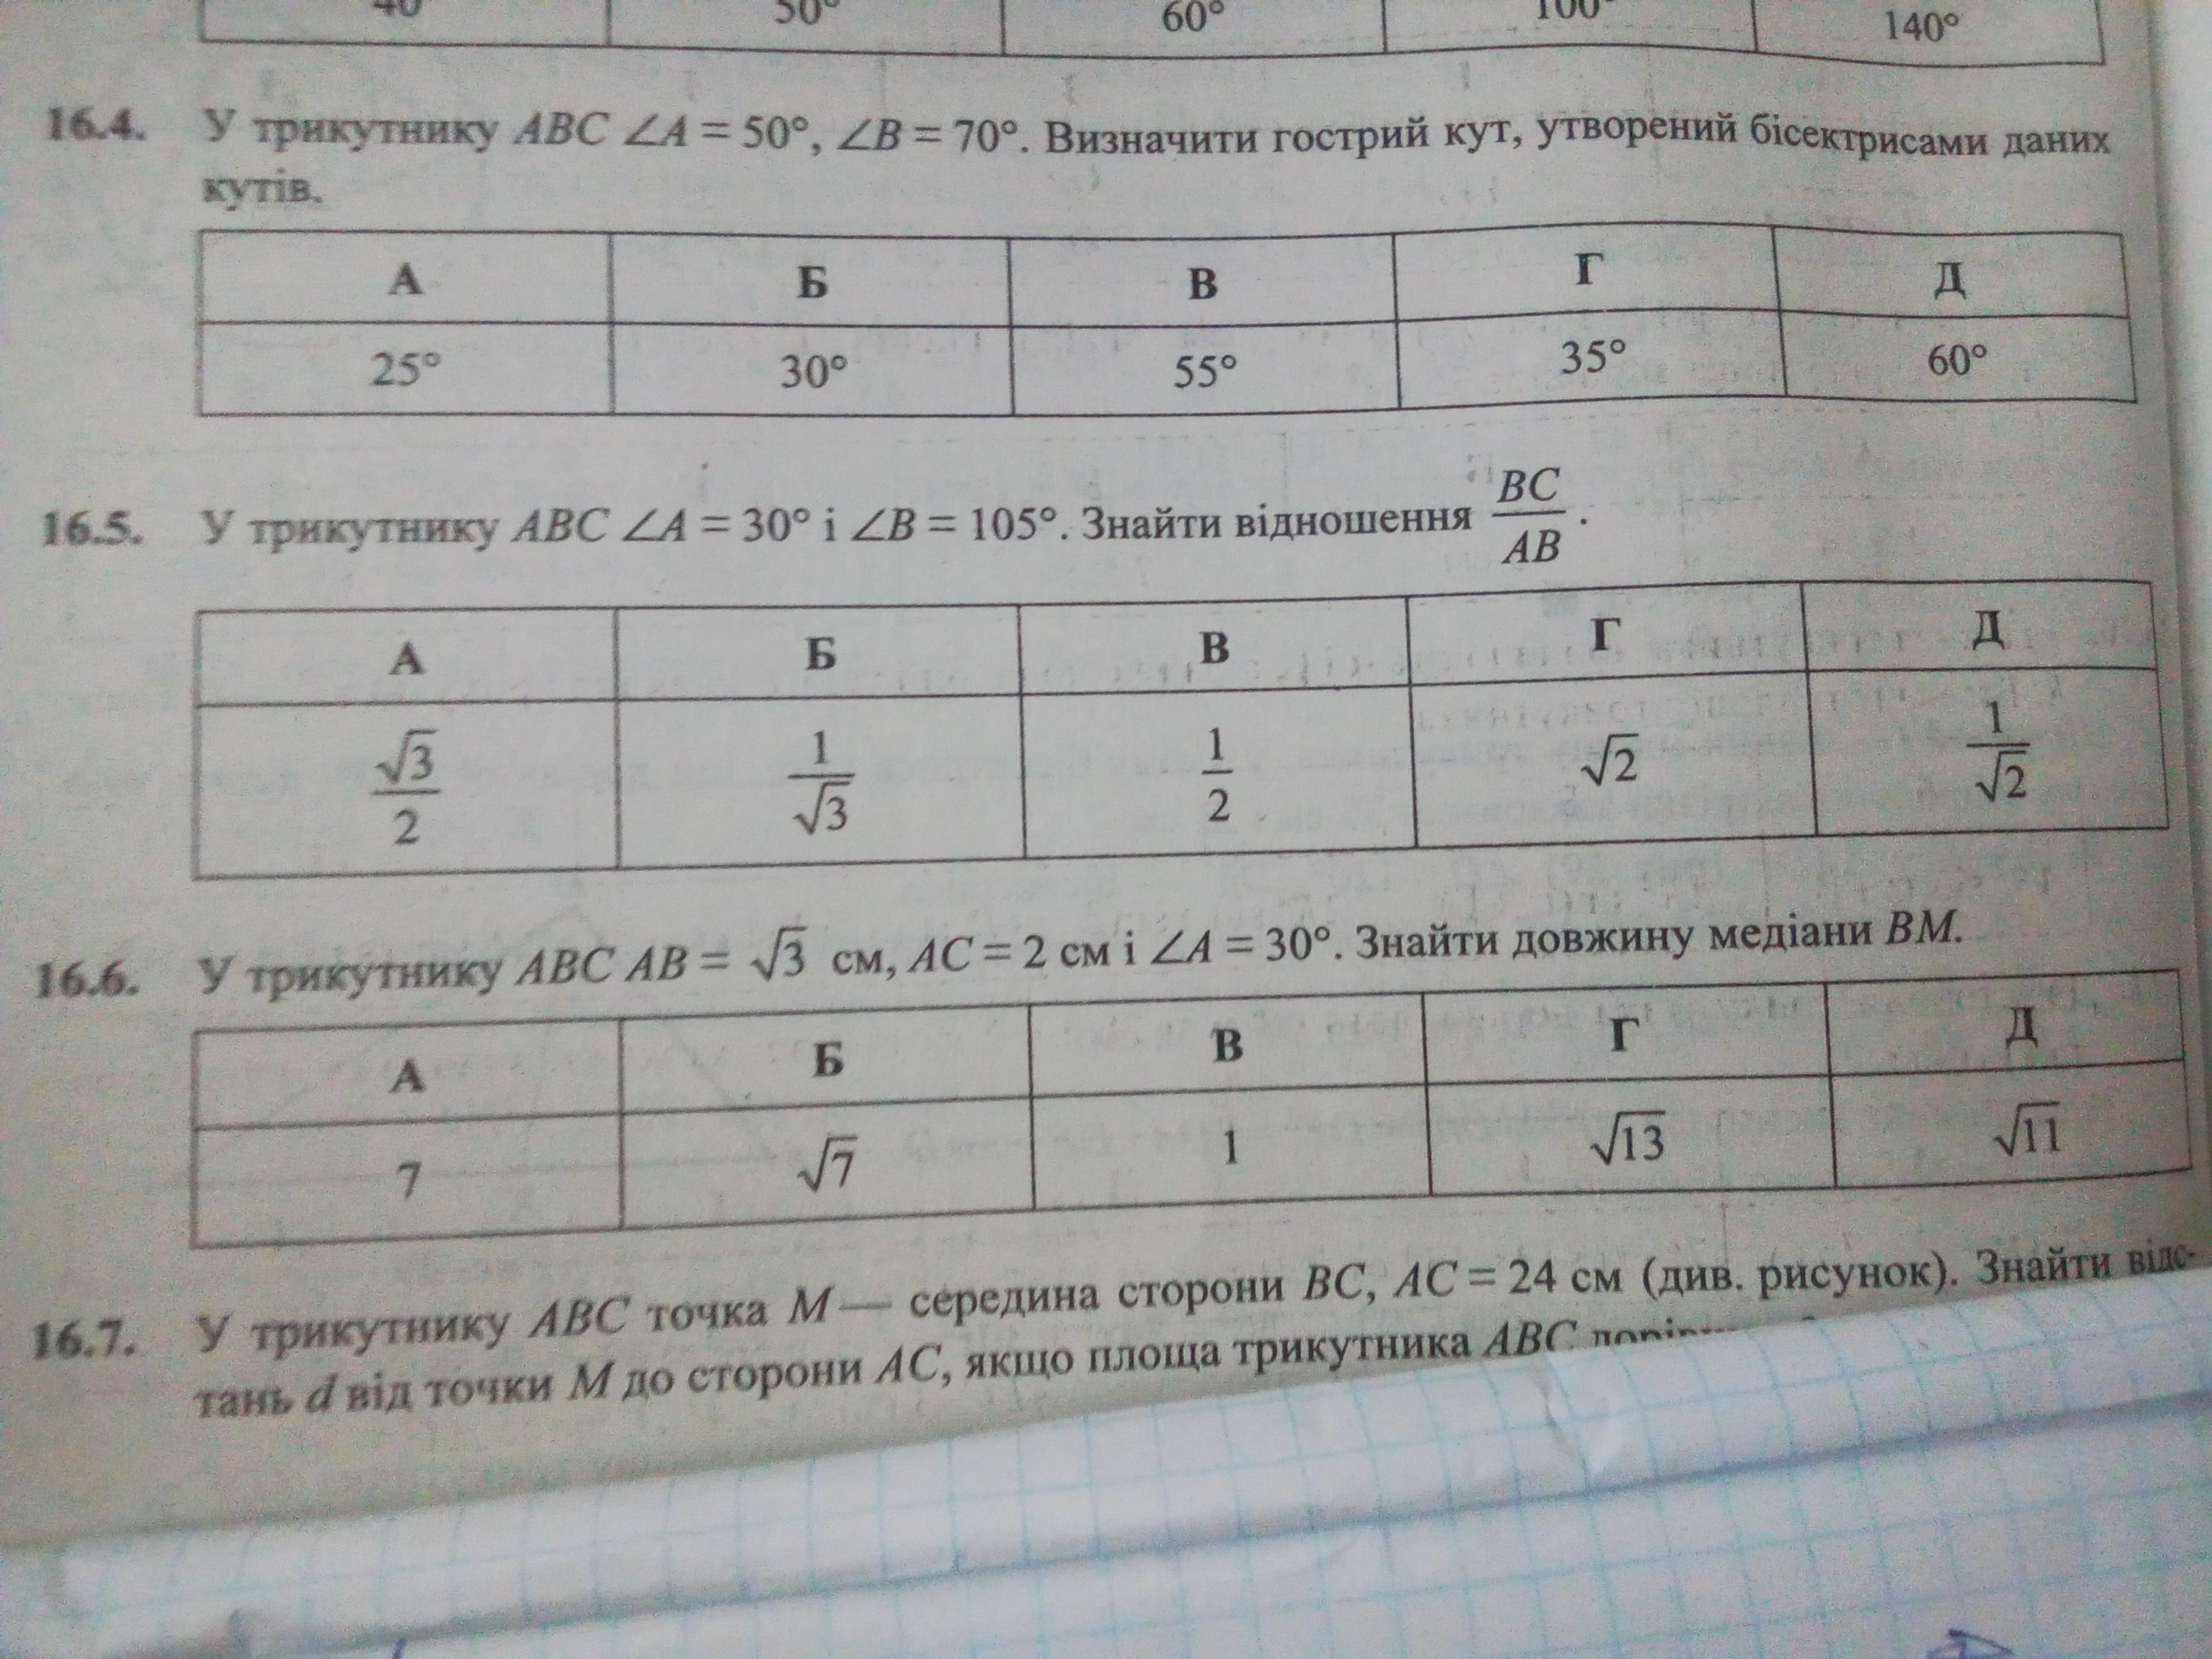 ЗАДАНИЕ 16.4 и 16.5 ПОЖЕЕЕ